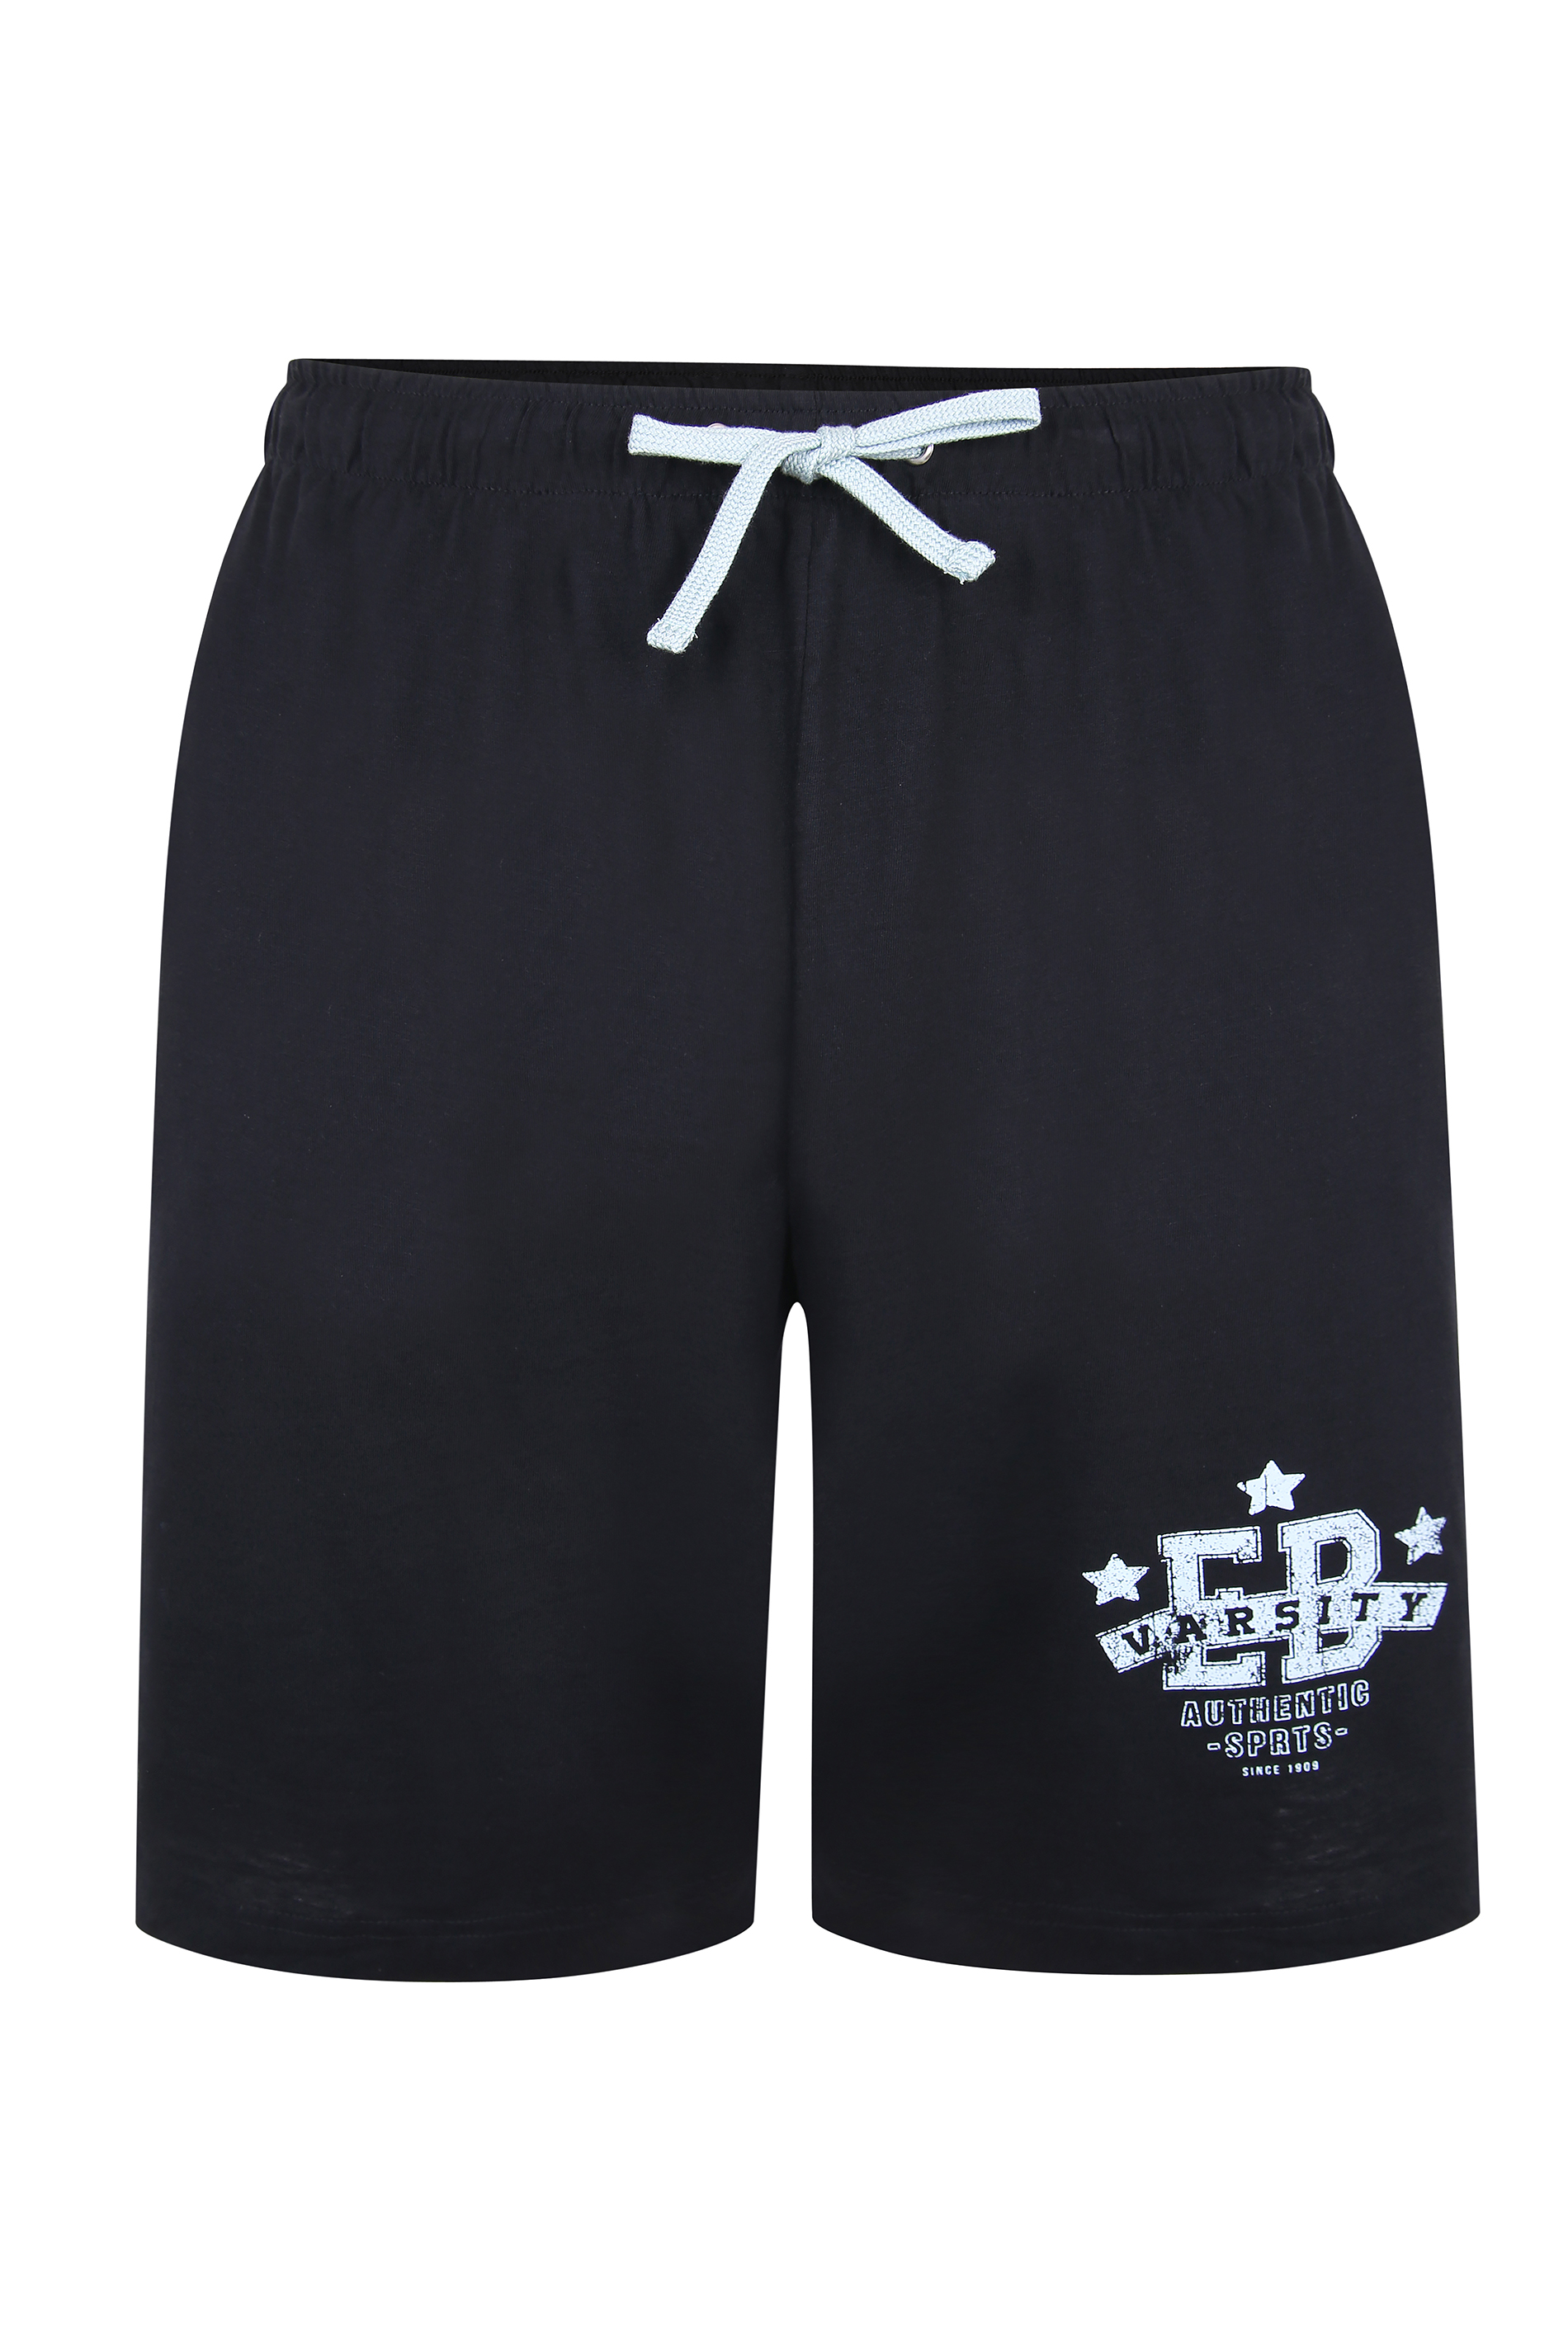 ED BAXTER Black Varsity Shorts